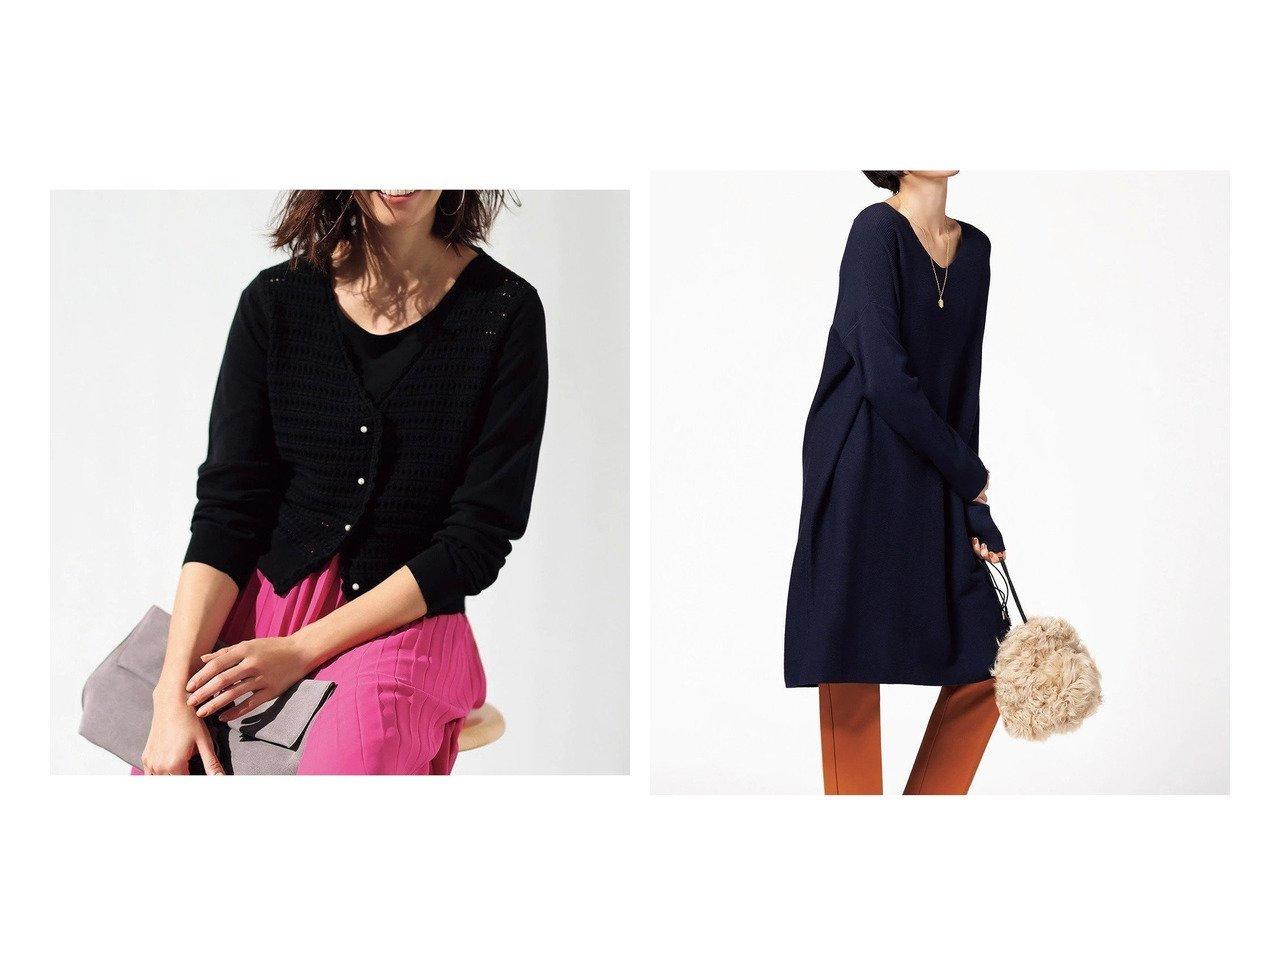 【DoCLASSE/ドゥクラッセ】のハイツイストコットン・透かしカーディガン&シルクフィール・Vネックロングチュニック ドゥクラッセの40代、50代の方におすすめ!人気トレンド・ファッションの通販 おすすめで人気の流行・トレンド、ファッションの通販商品 メンズファッション・キッズファッション・インテリア・家具・レディースファッション・服の通販 founy(ファニー) https://founy.com/ ファッション Fashion レディースファッション WOMEN トップス カットソー Tops Tshirt カーディガン Cardigans Vネック V-Neck カーディガン スカラップ ツイスト 透かし チュニック トレンド プリーツ ロング ワイド 春 Spring |ID:crp329100000021616